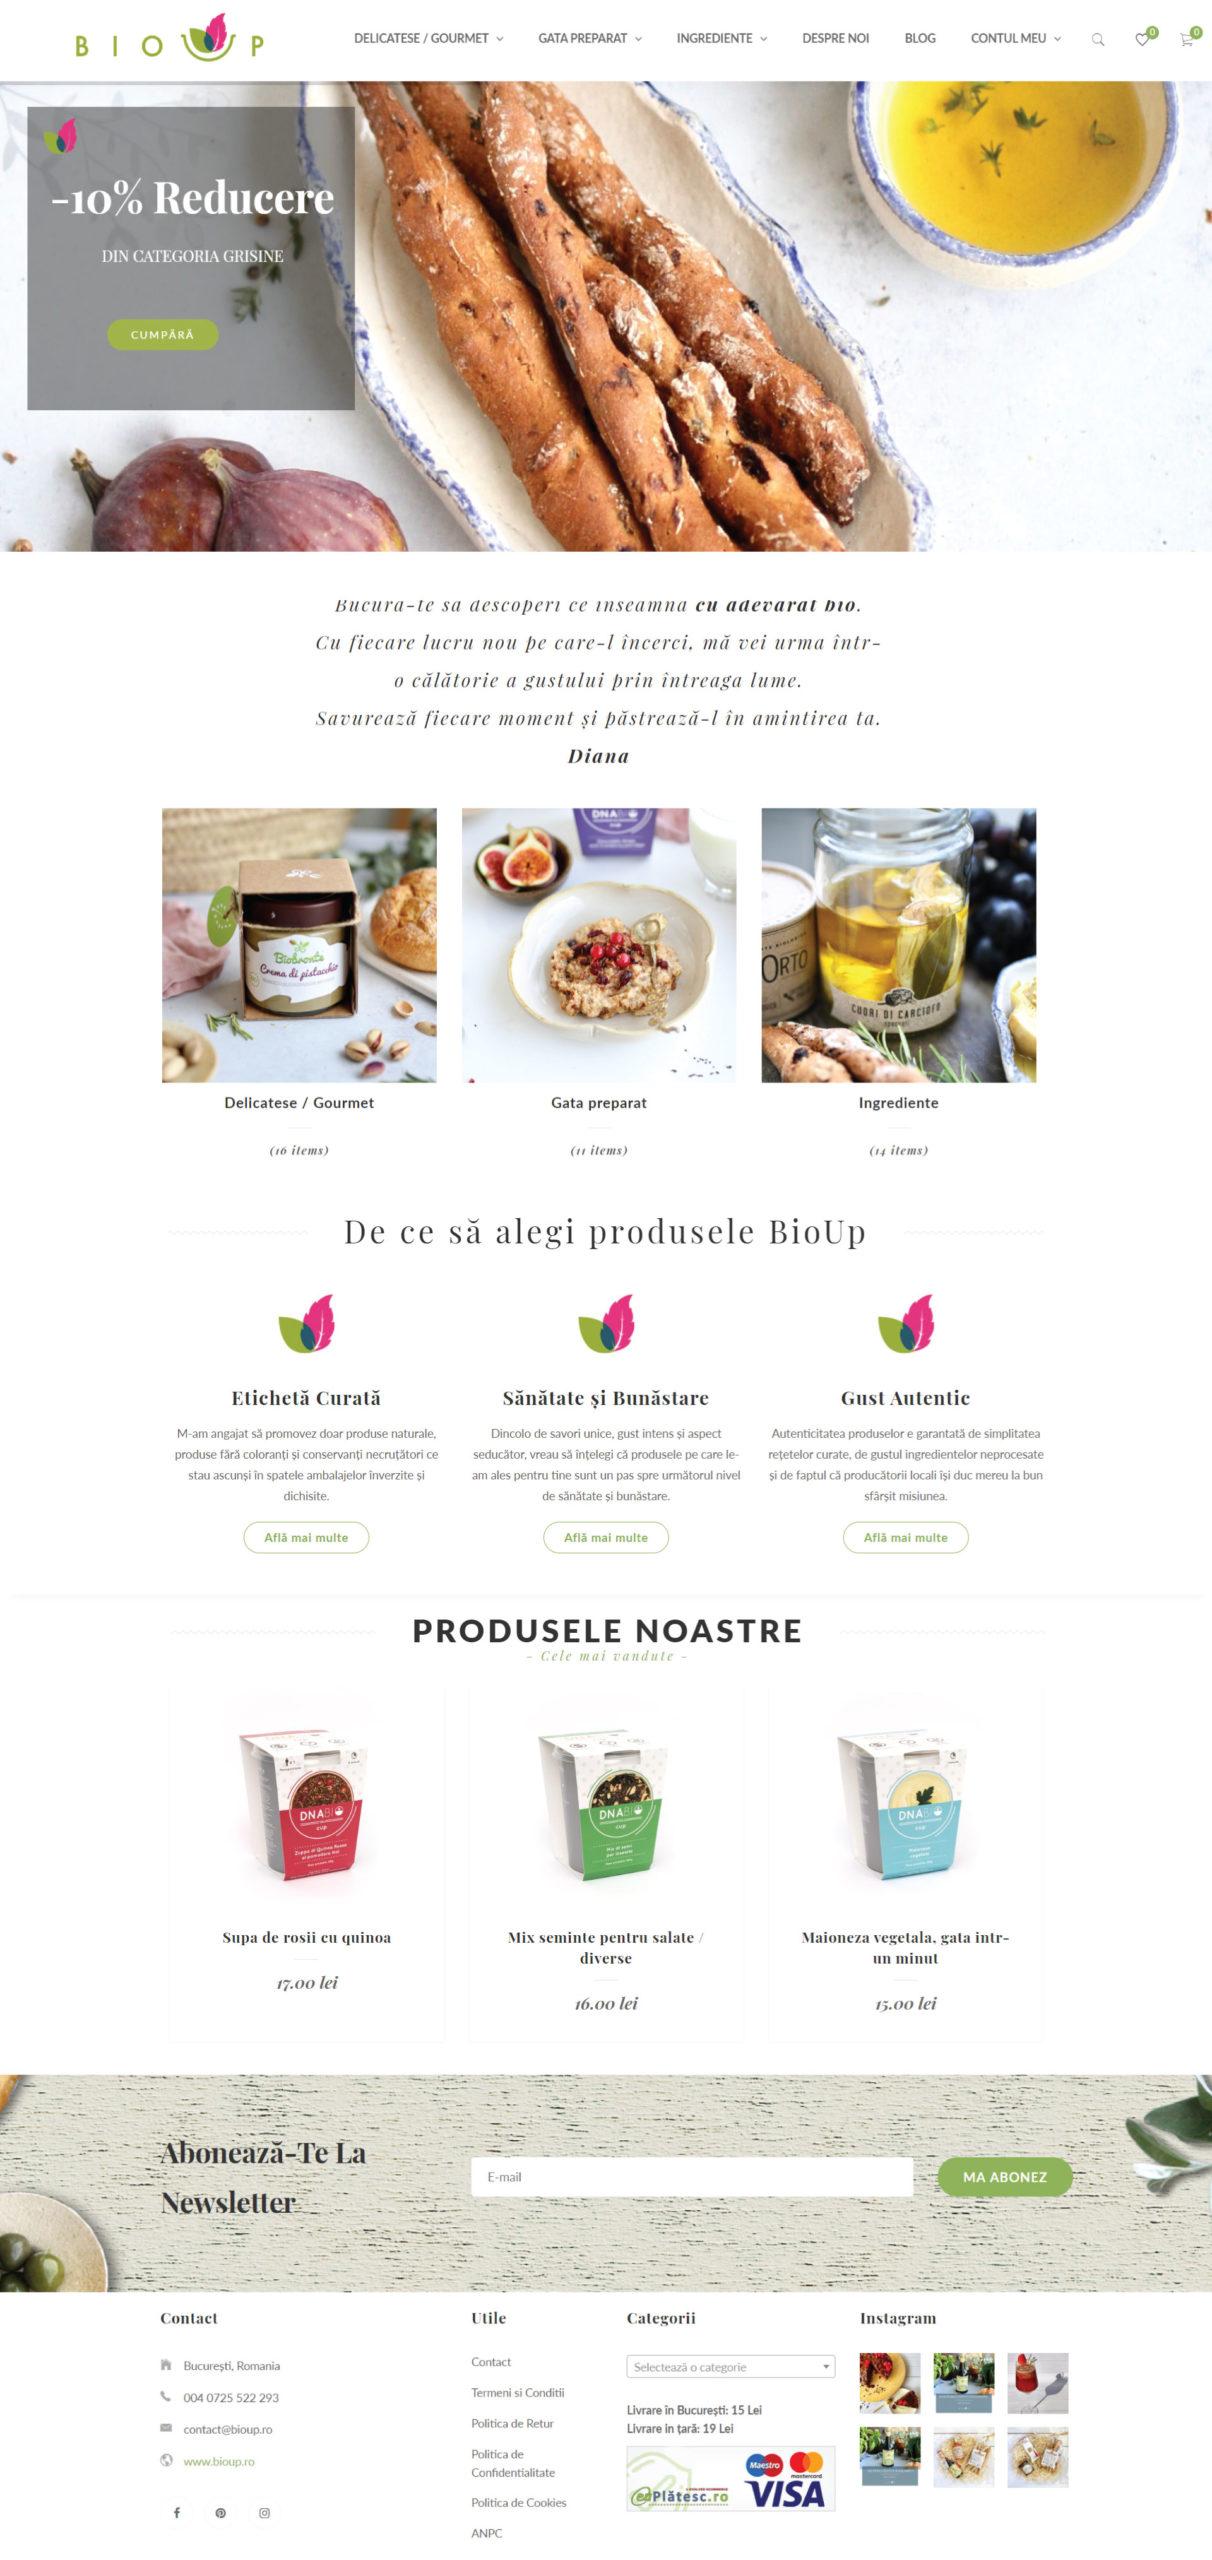 Ama-Mihaescu-Creative-Studio-Portofoliu_BioUp_website preview